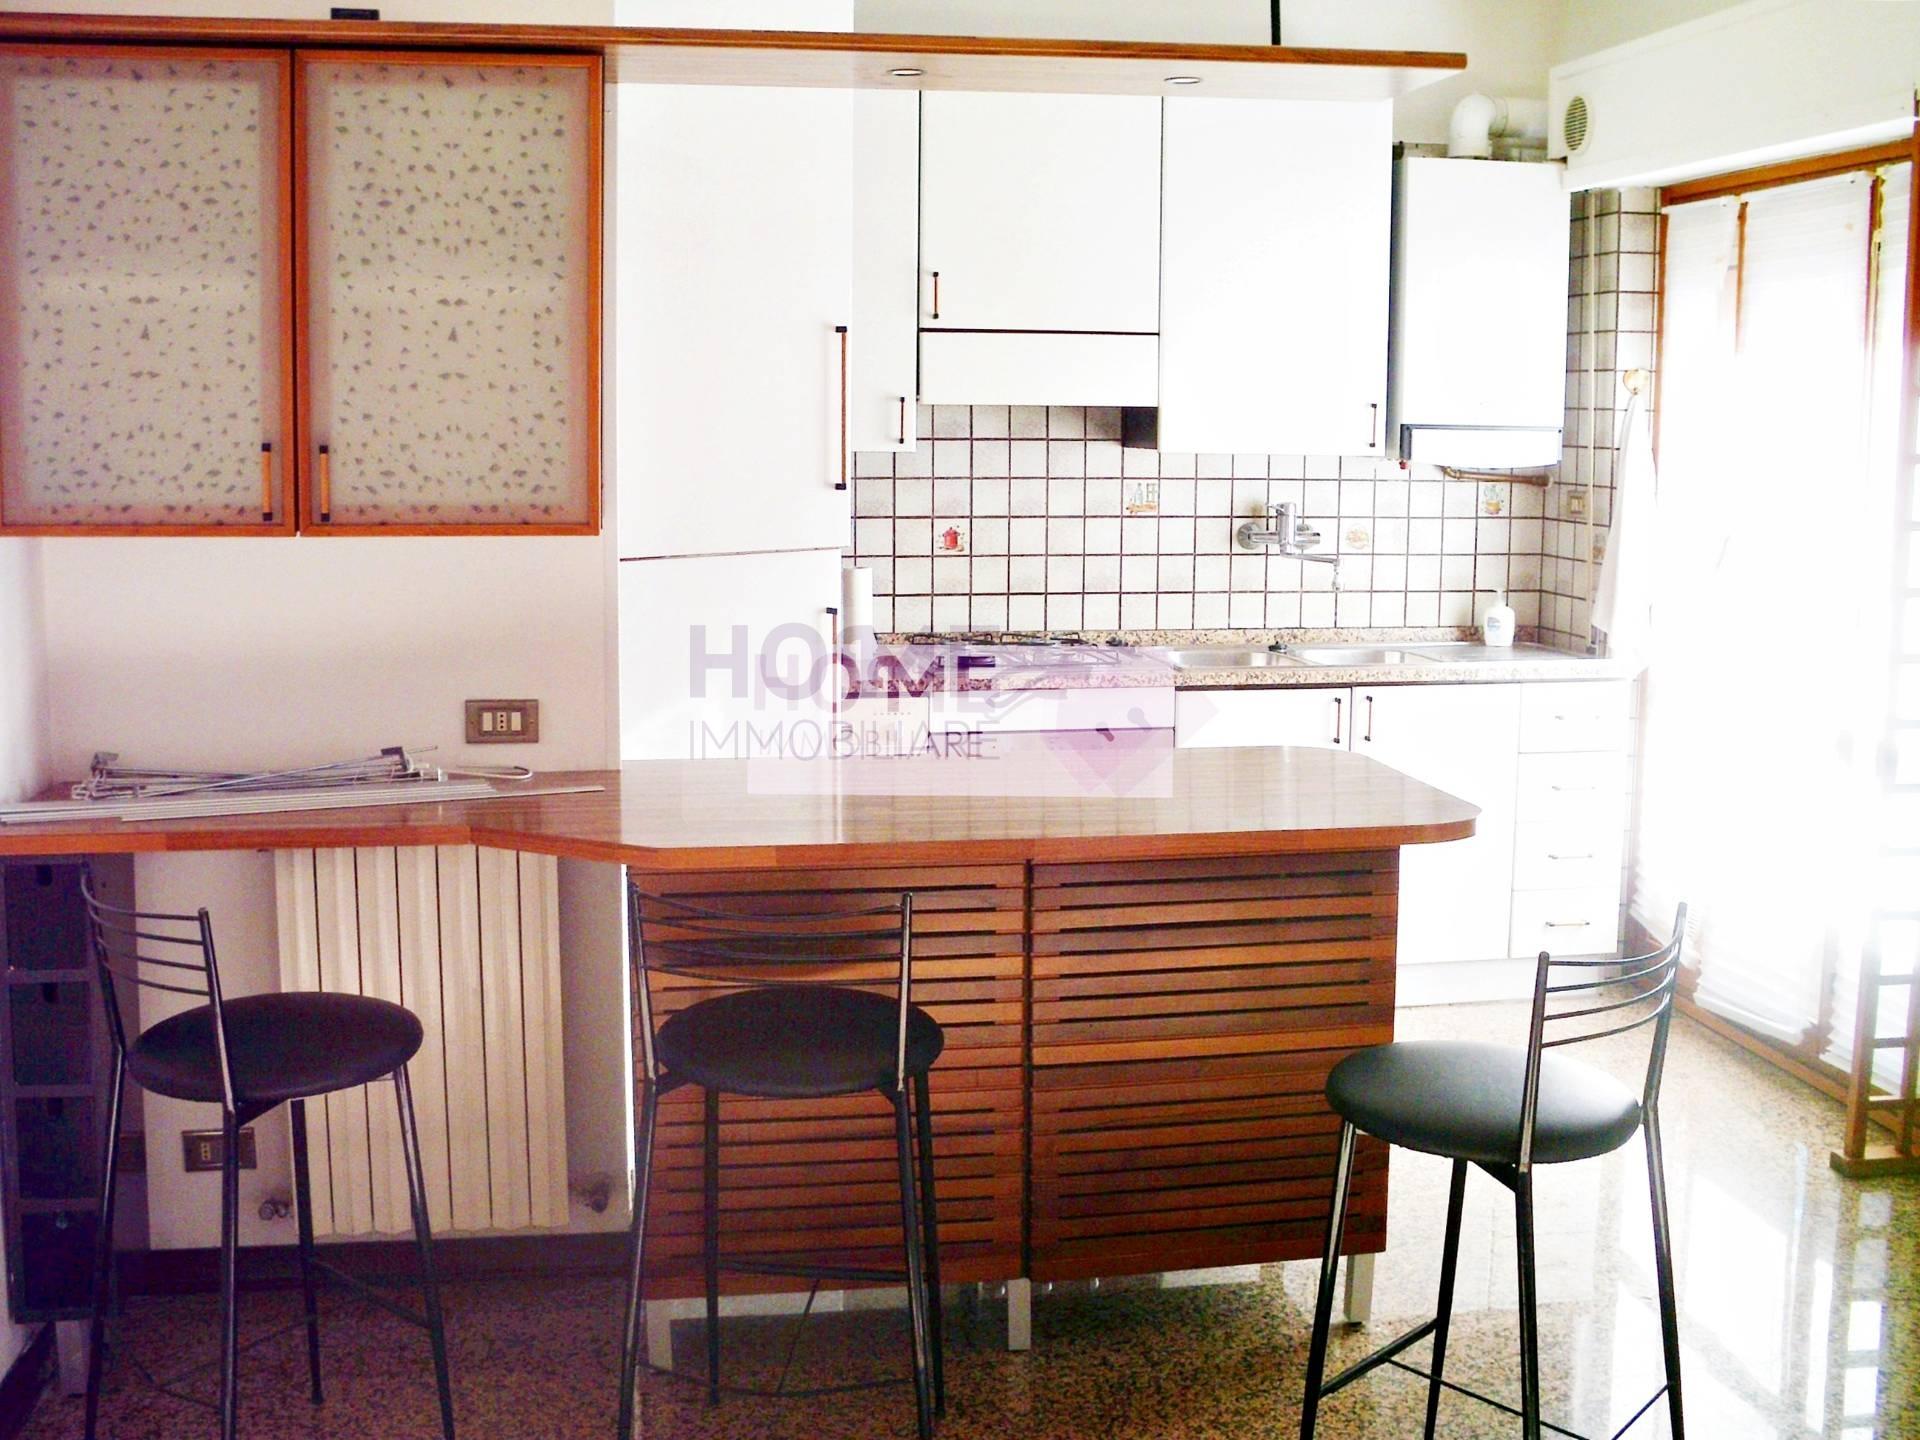 Appartamento in affitto a Macerata, 5 locali, zona Zona: Semicentrale, prezzo € 500 | Cambio Casa.it